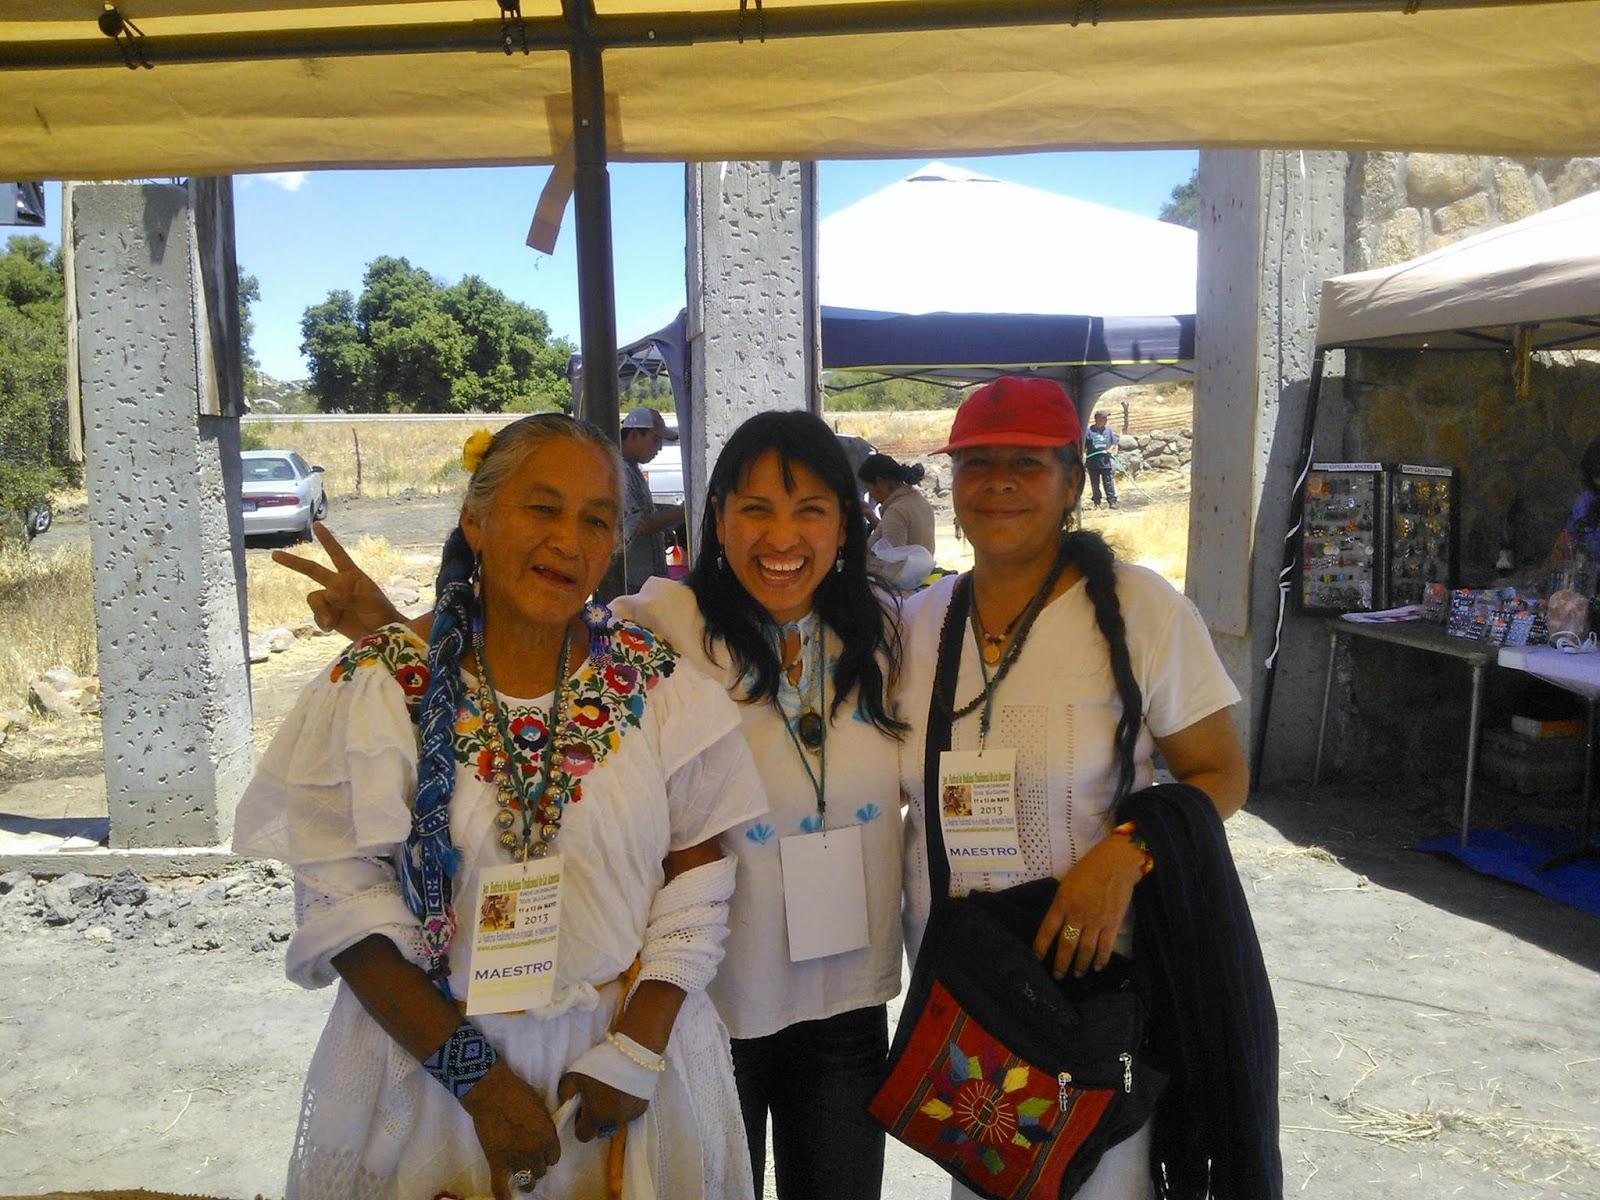 Las maestras del camino de medicina siempre te cuidan..  Festival de Medicina Tradicional 2013, B.C